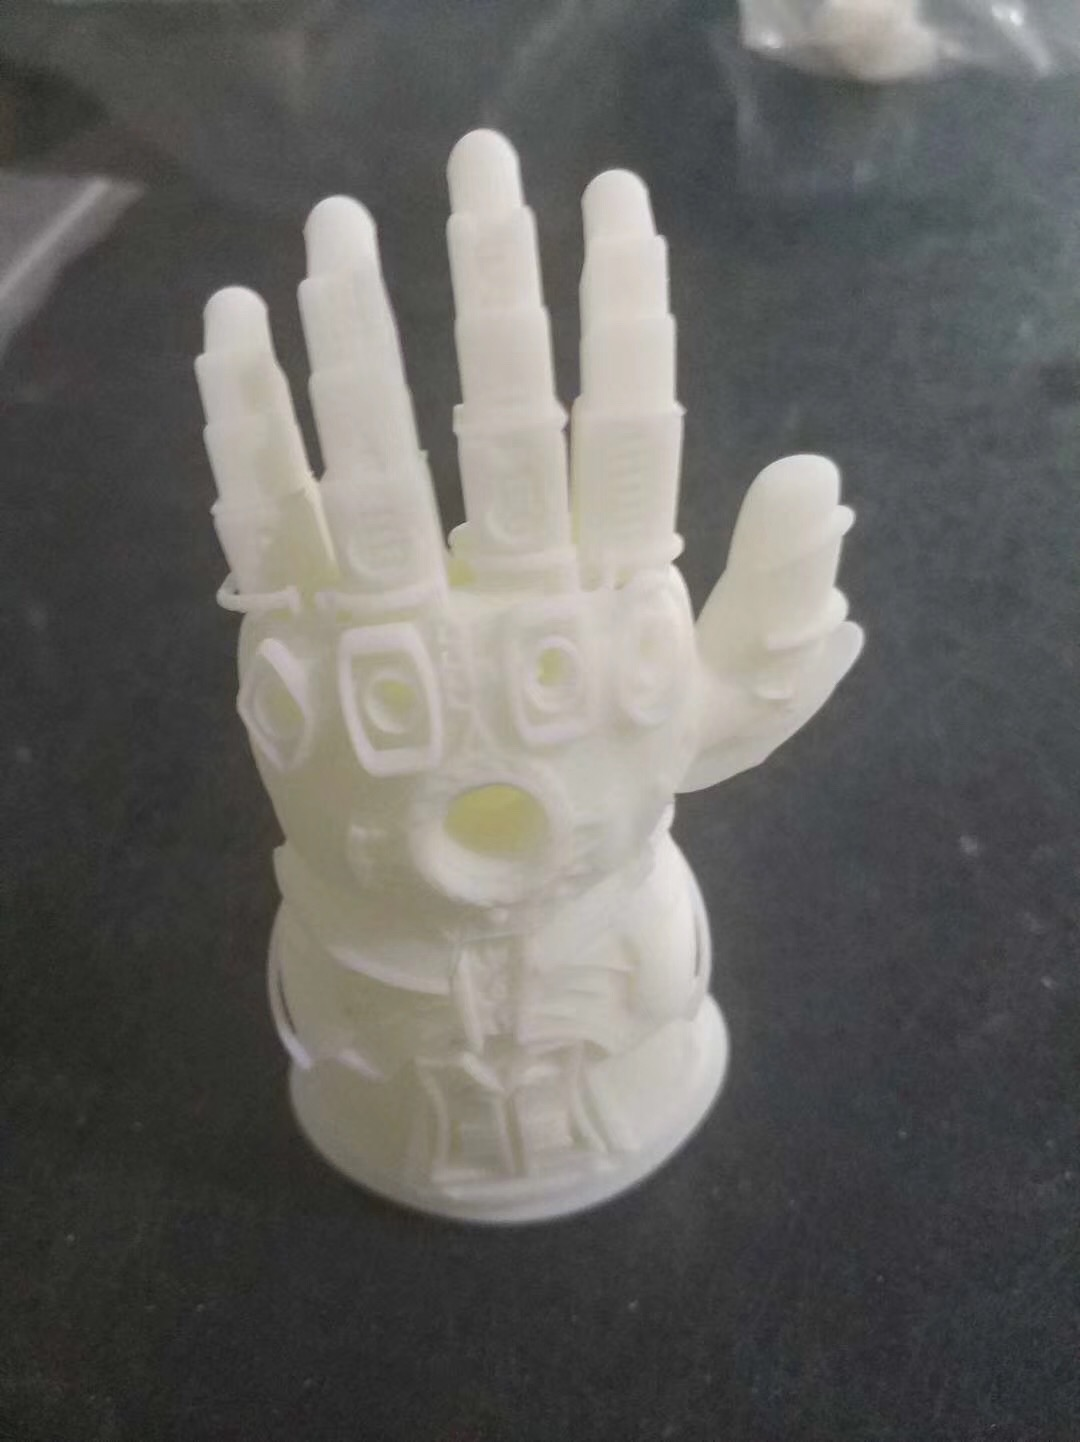 启辰科普:其实3D打印模型并没有你想的那么简单